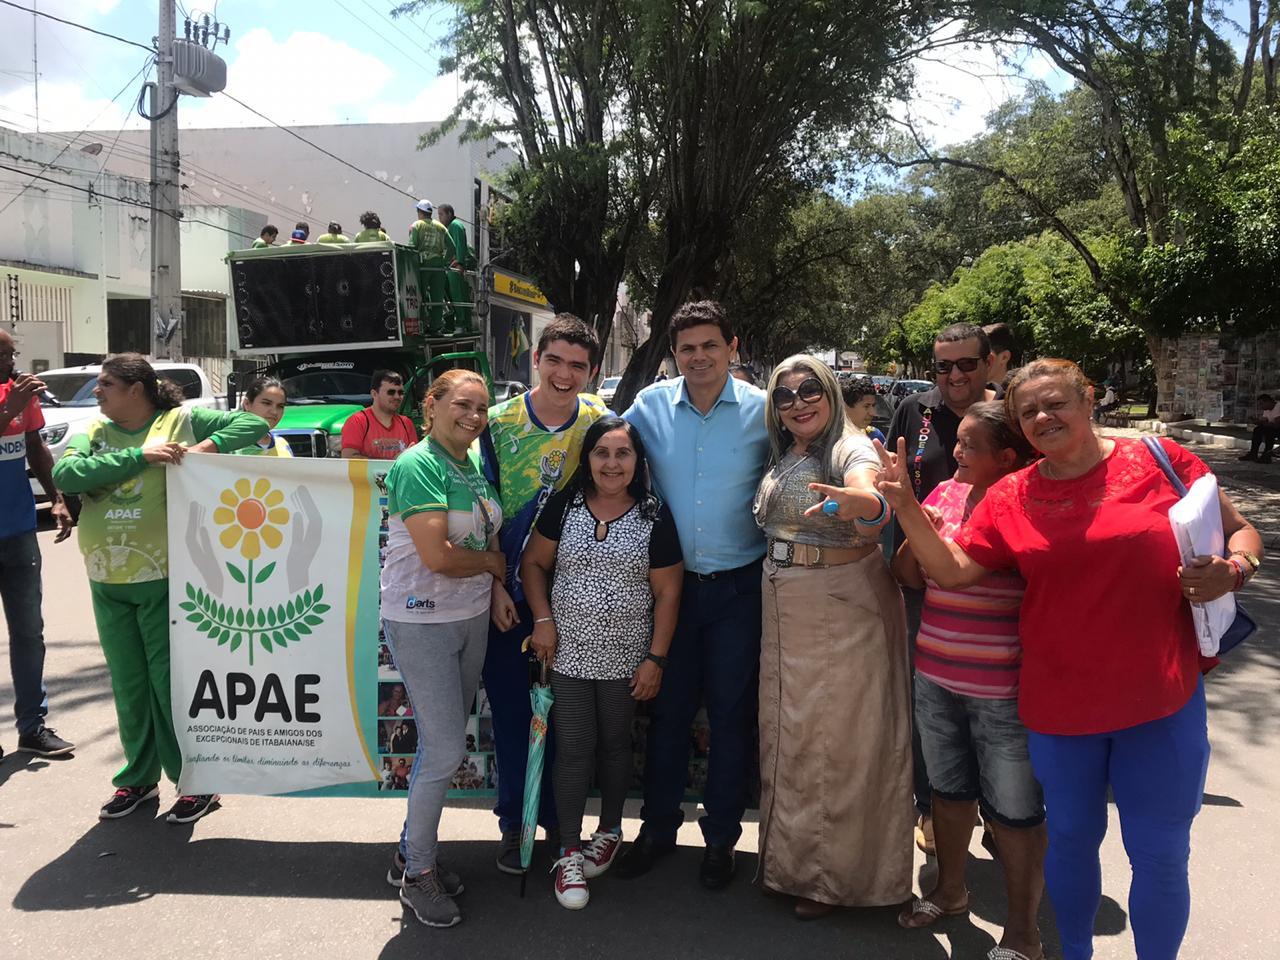 APAE de Itabaiana agradece ao prefeito Valmir de Francisquinho por doação de terreno.